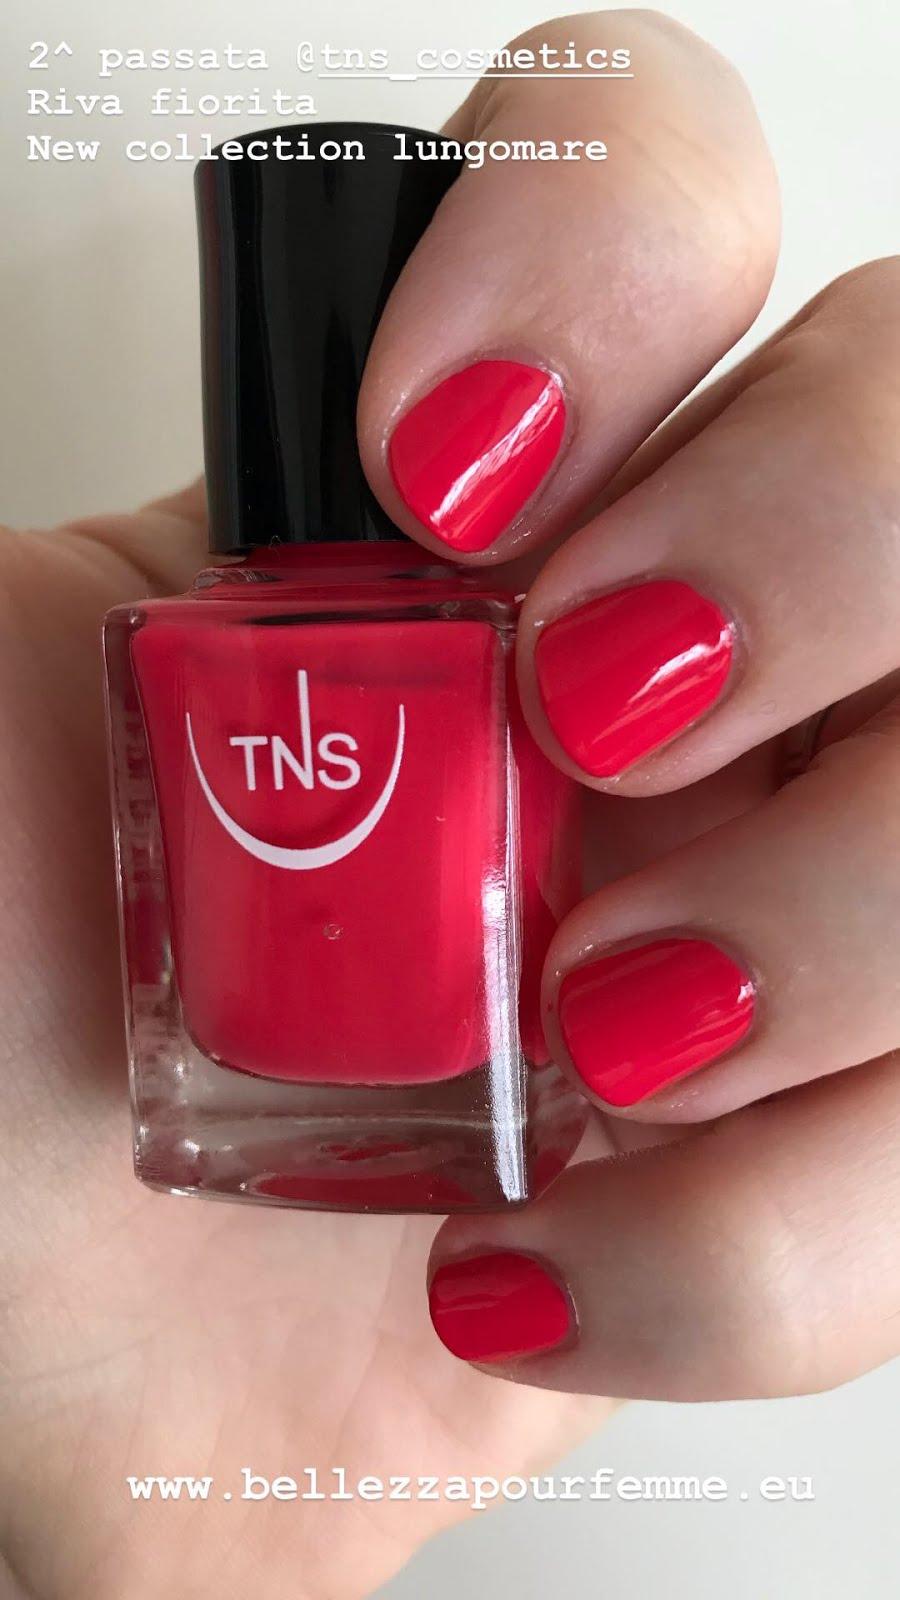 2 applicazione TNS Cosmetics SS 2018 Lungomare smalto Riva Fiorita